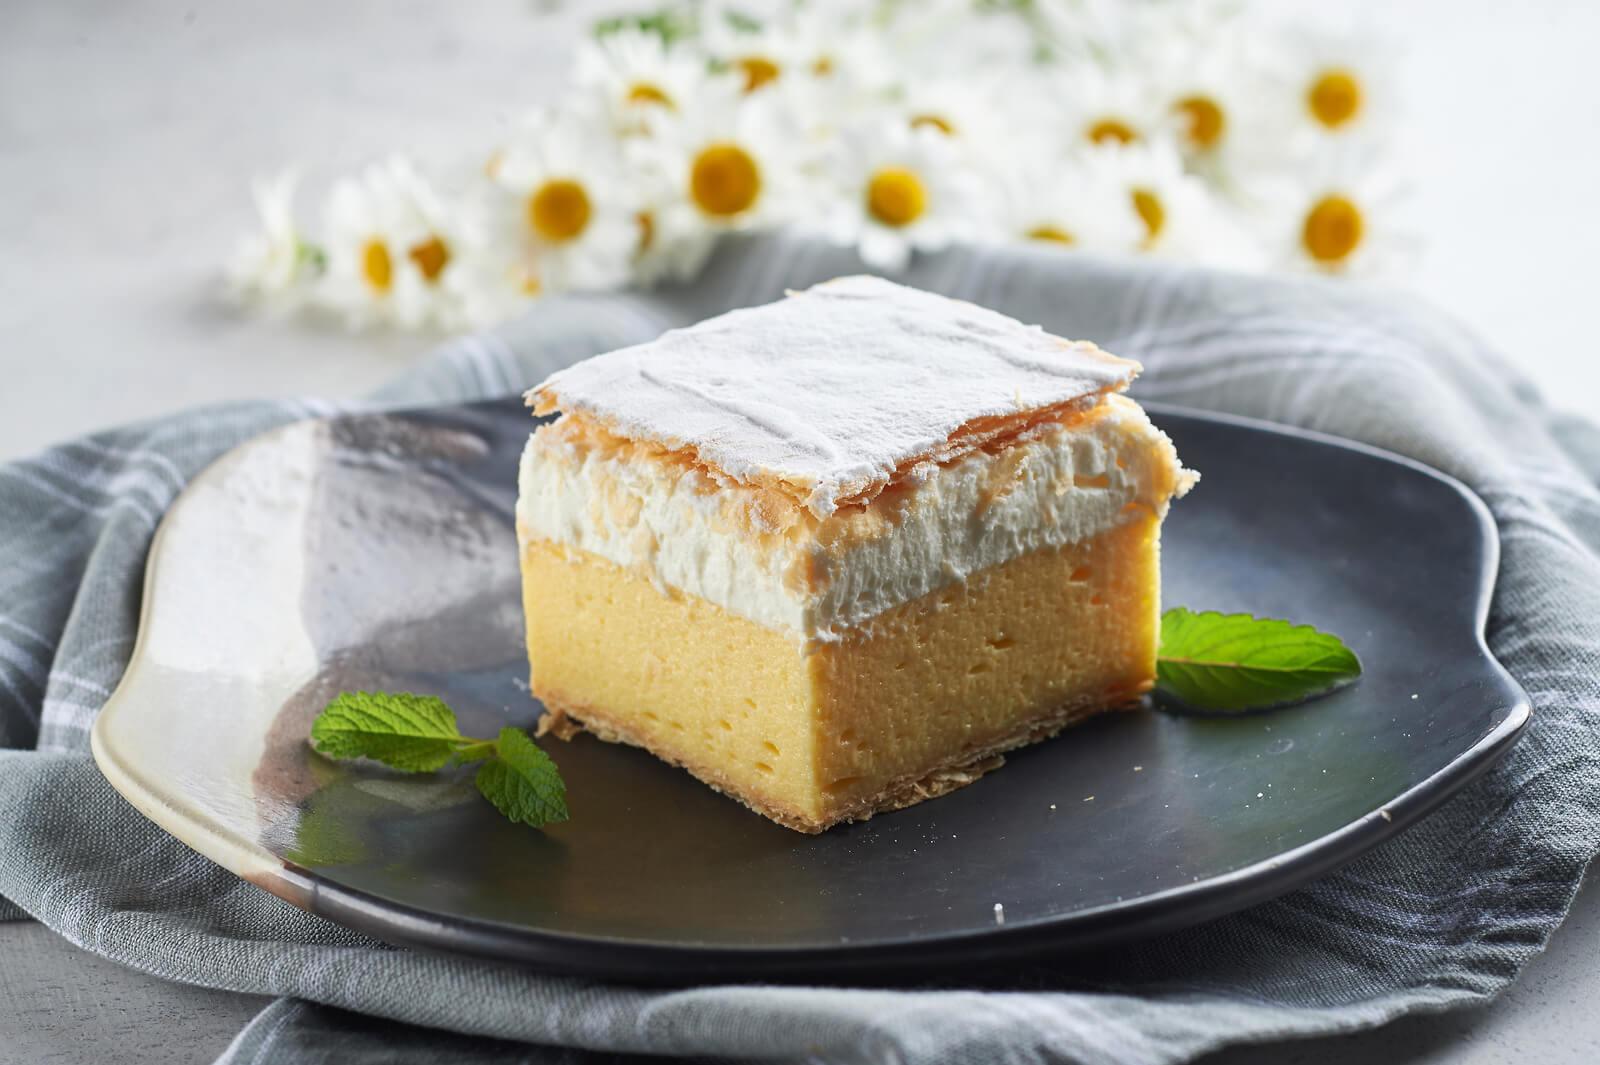 bled-cream-cake-tasting